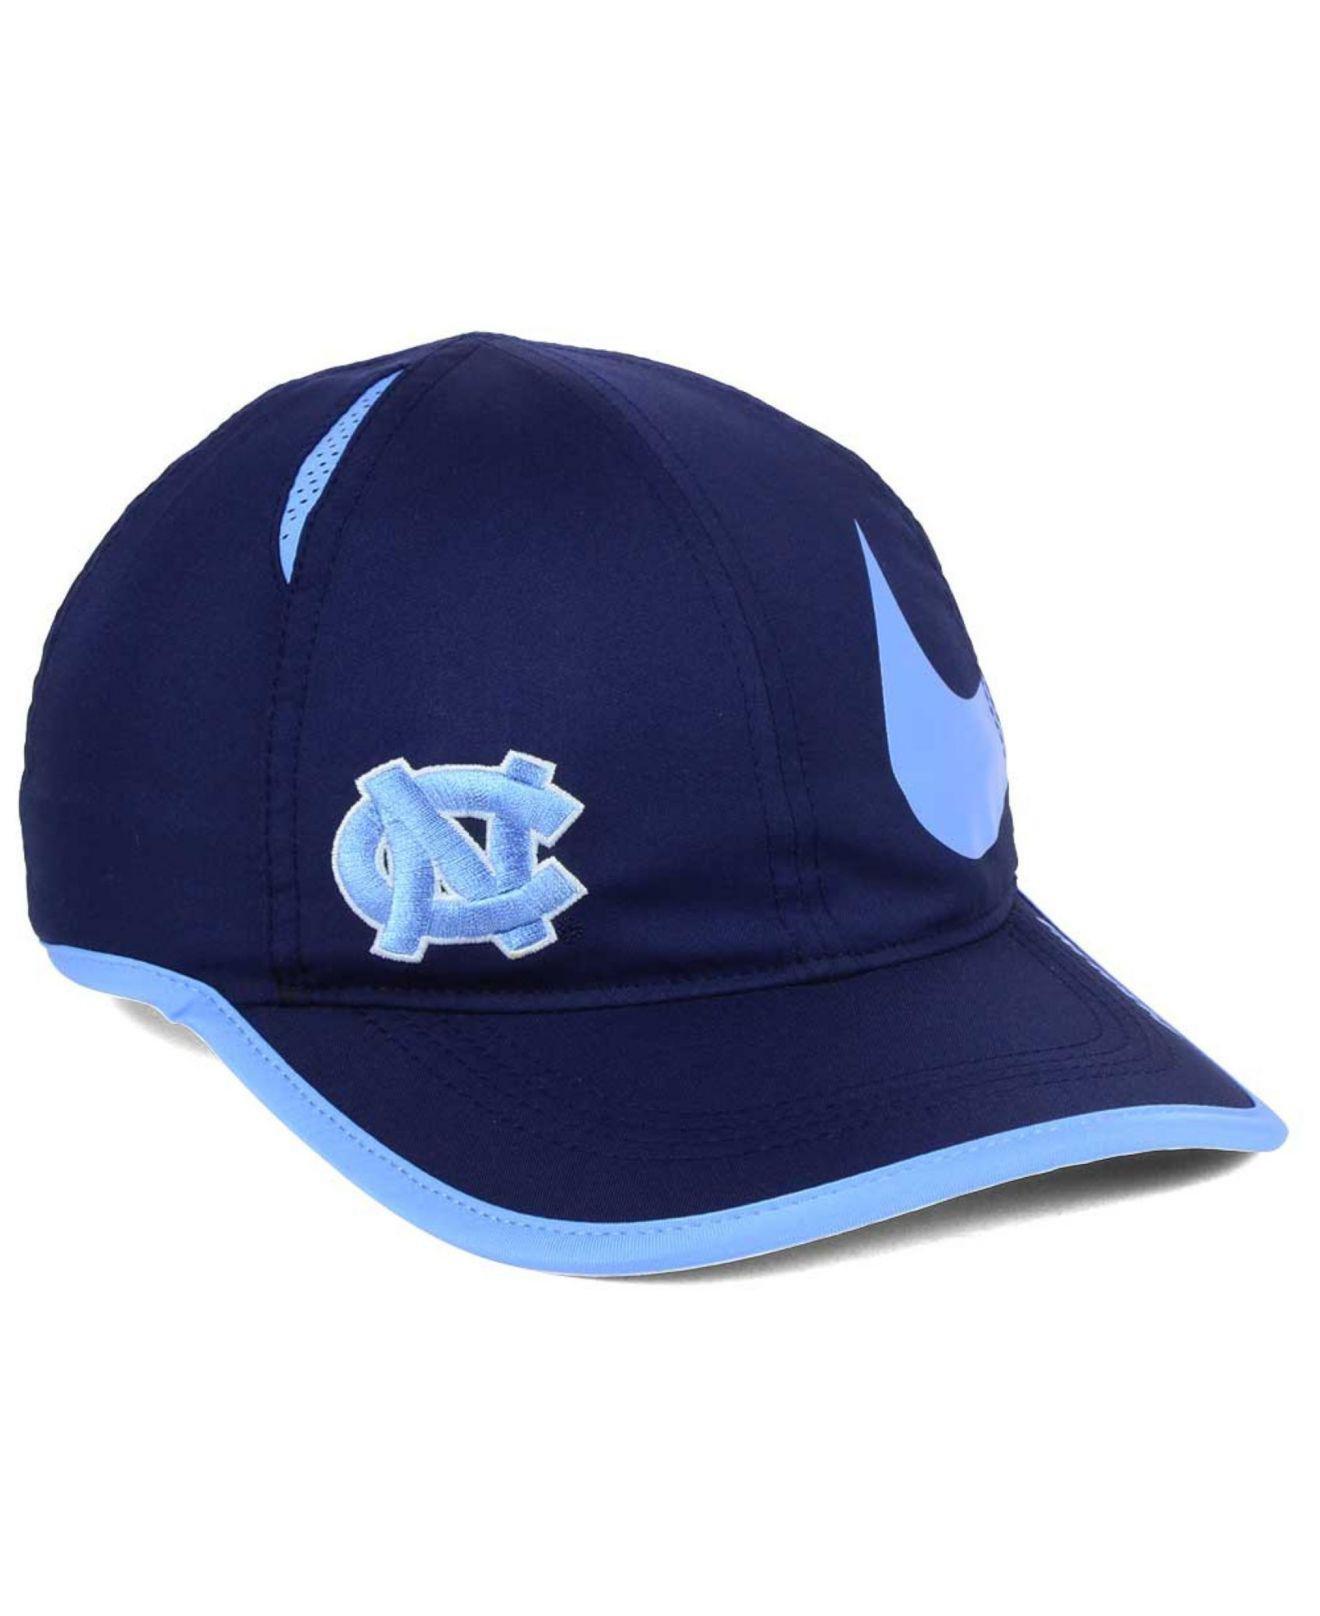 d0c8e19b3d421 Lyst - Nike Big Swoosh Adjustable Cap in Blue for Men